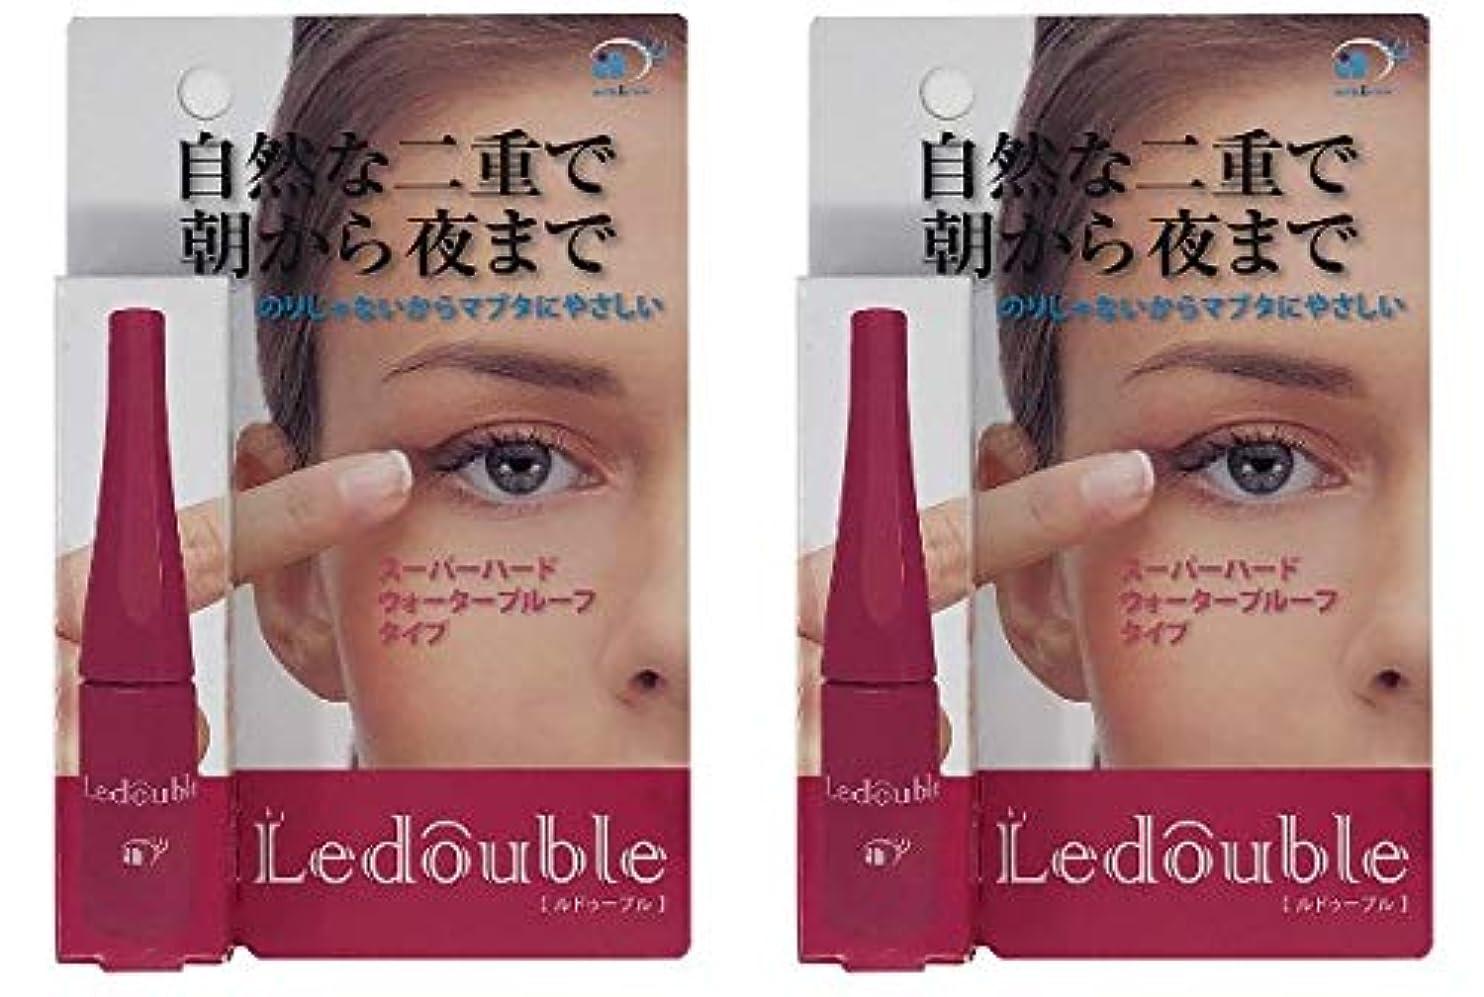 社会主義者応答メンタルLedouble [ルドゥーブル] 二重まぶた化粧品 (4mL)×2個セット